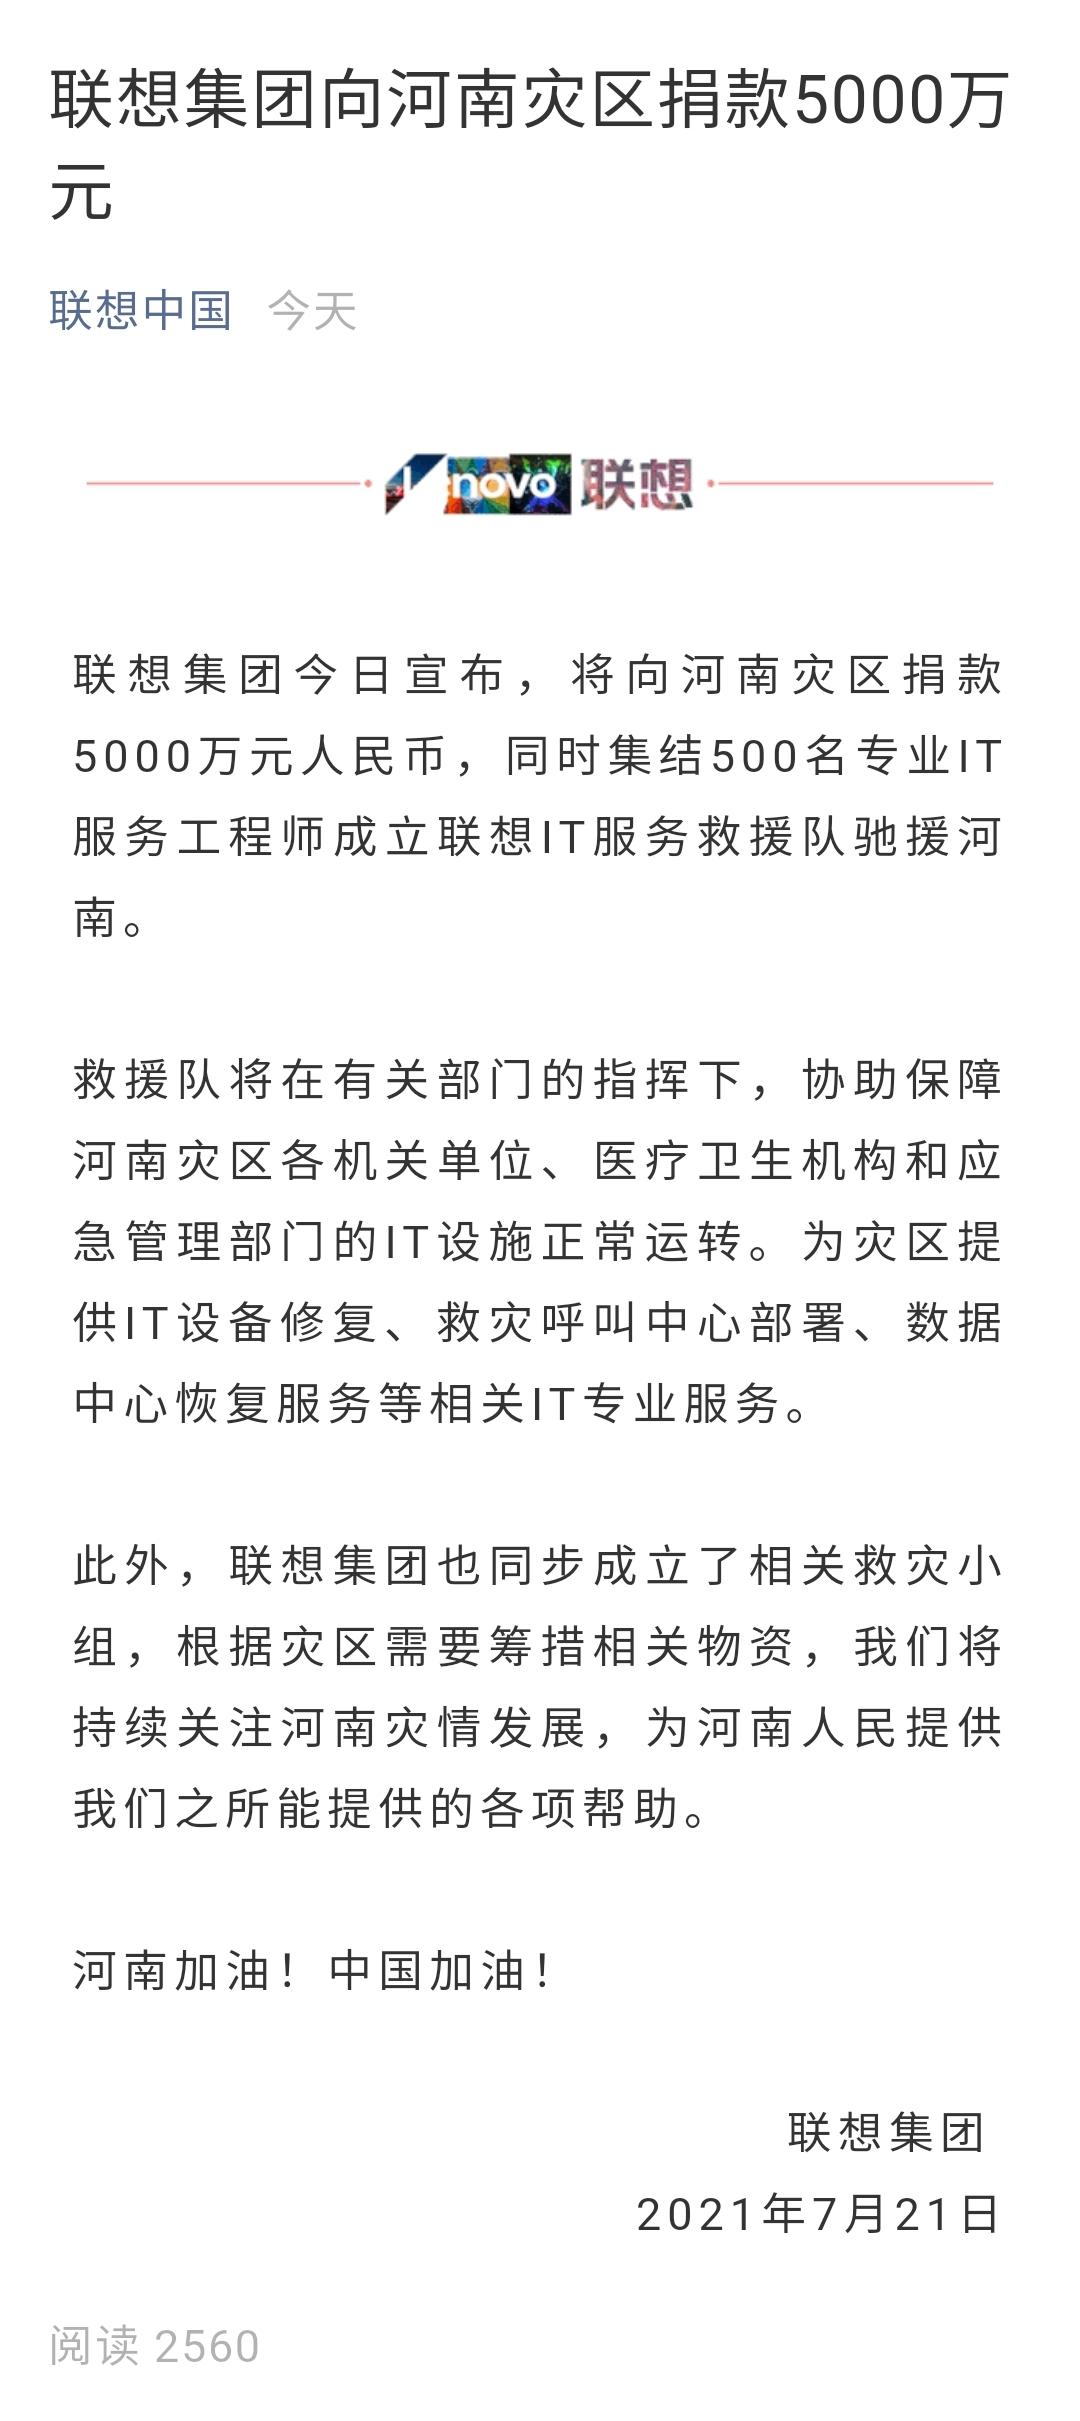 联想集团:向河南灾区捐款5000万 集结500名专业IT工程师驰援